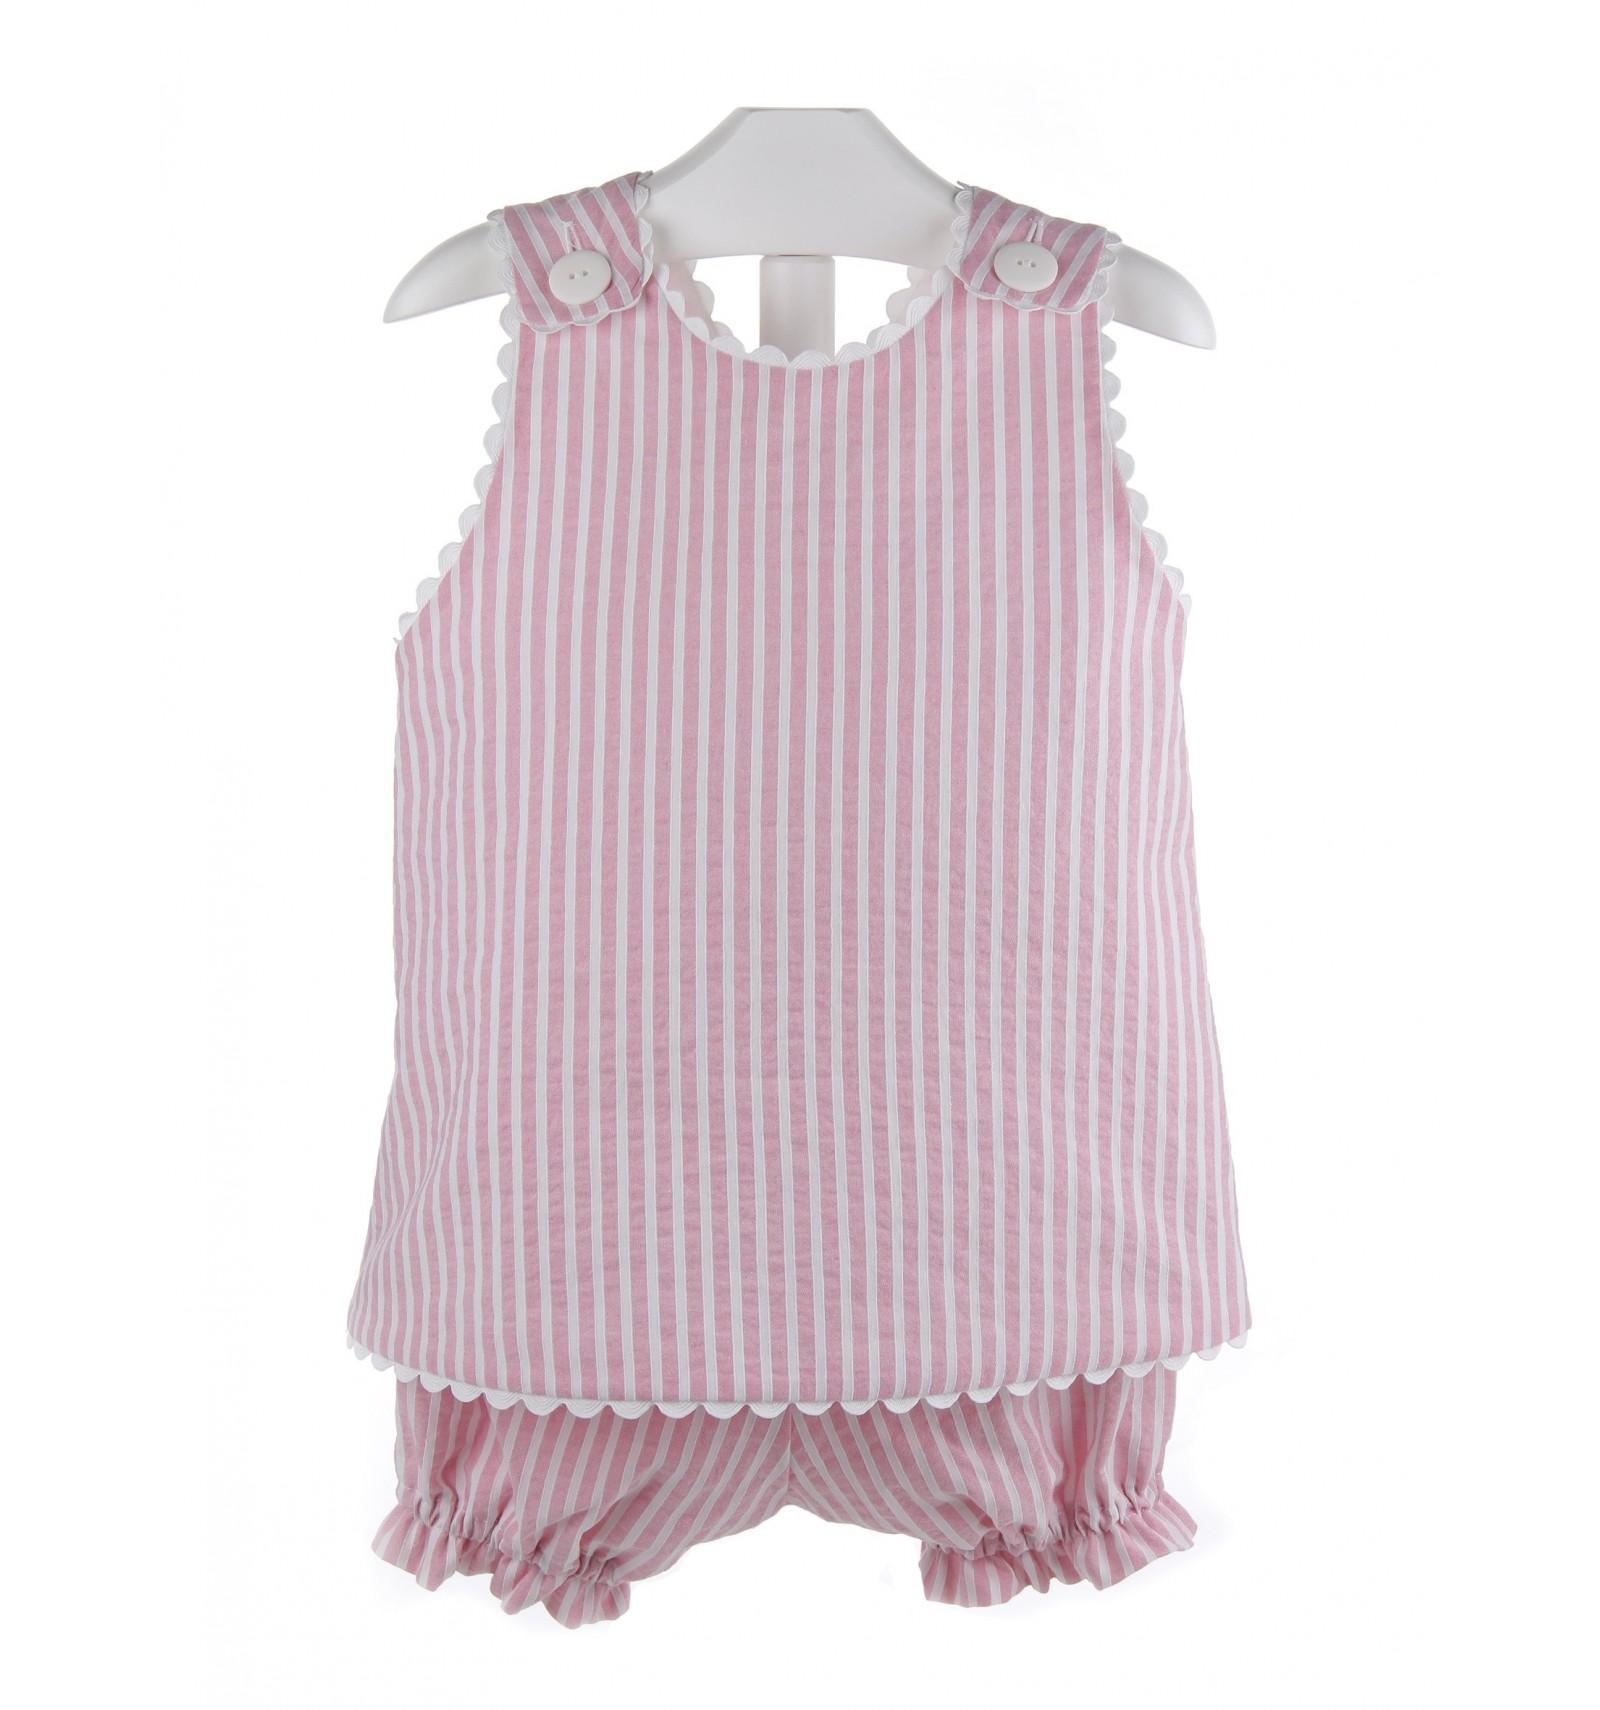 5931b9f6fdd96 Conjunto para bebé de camisa y braguita de rayas con descuento.